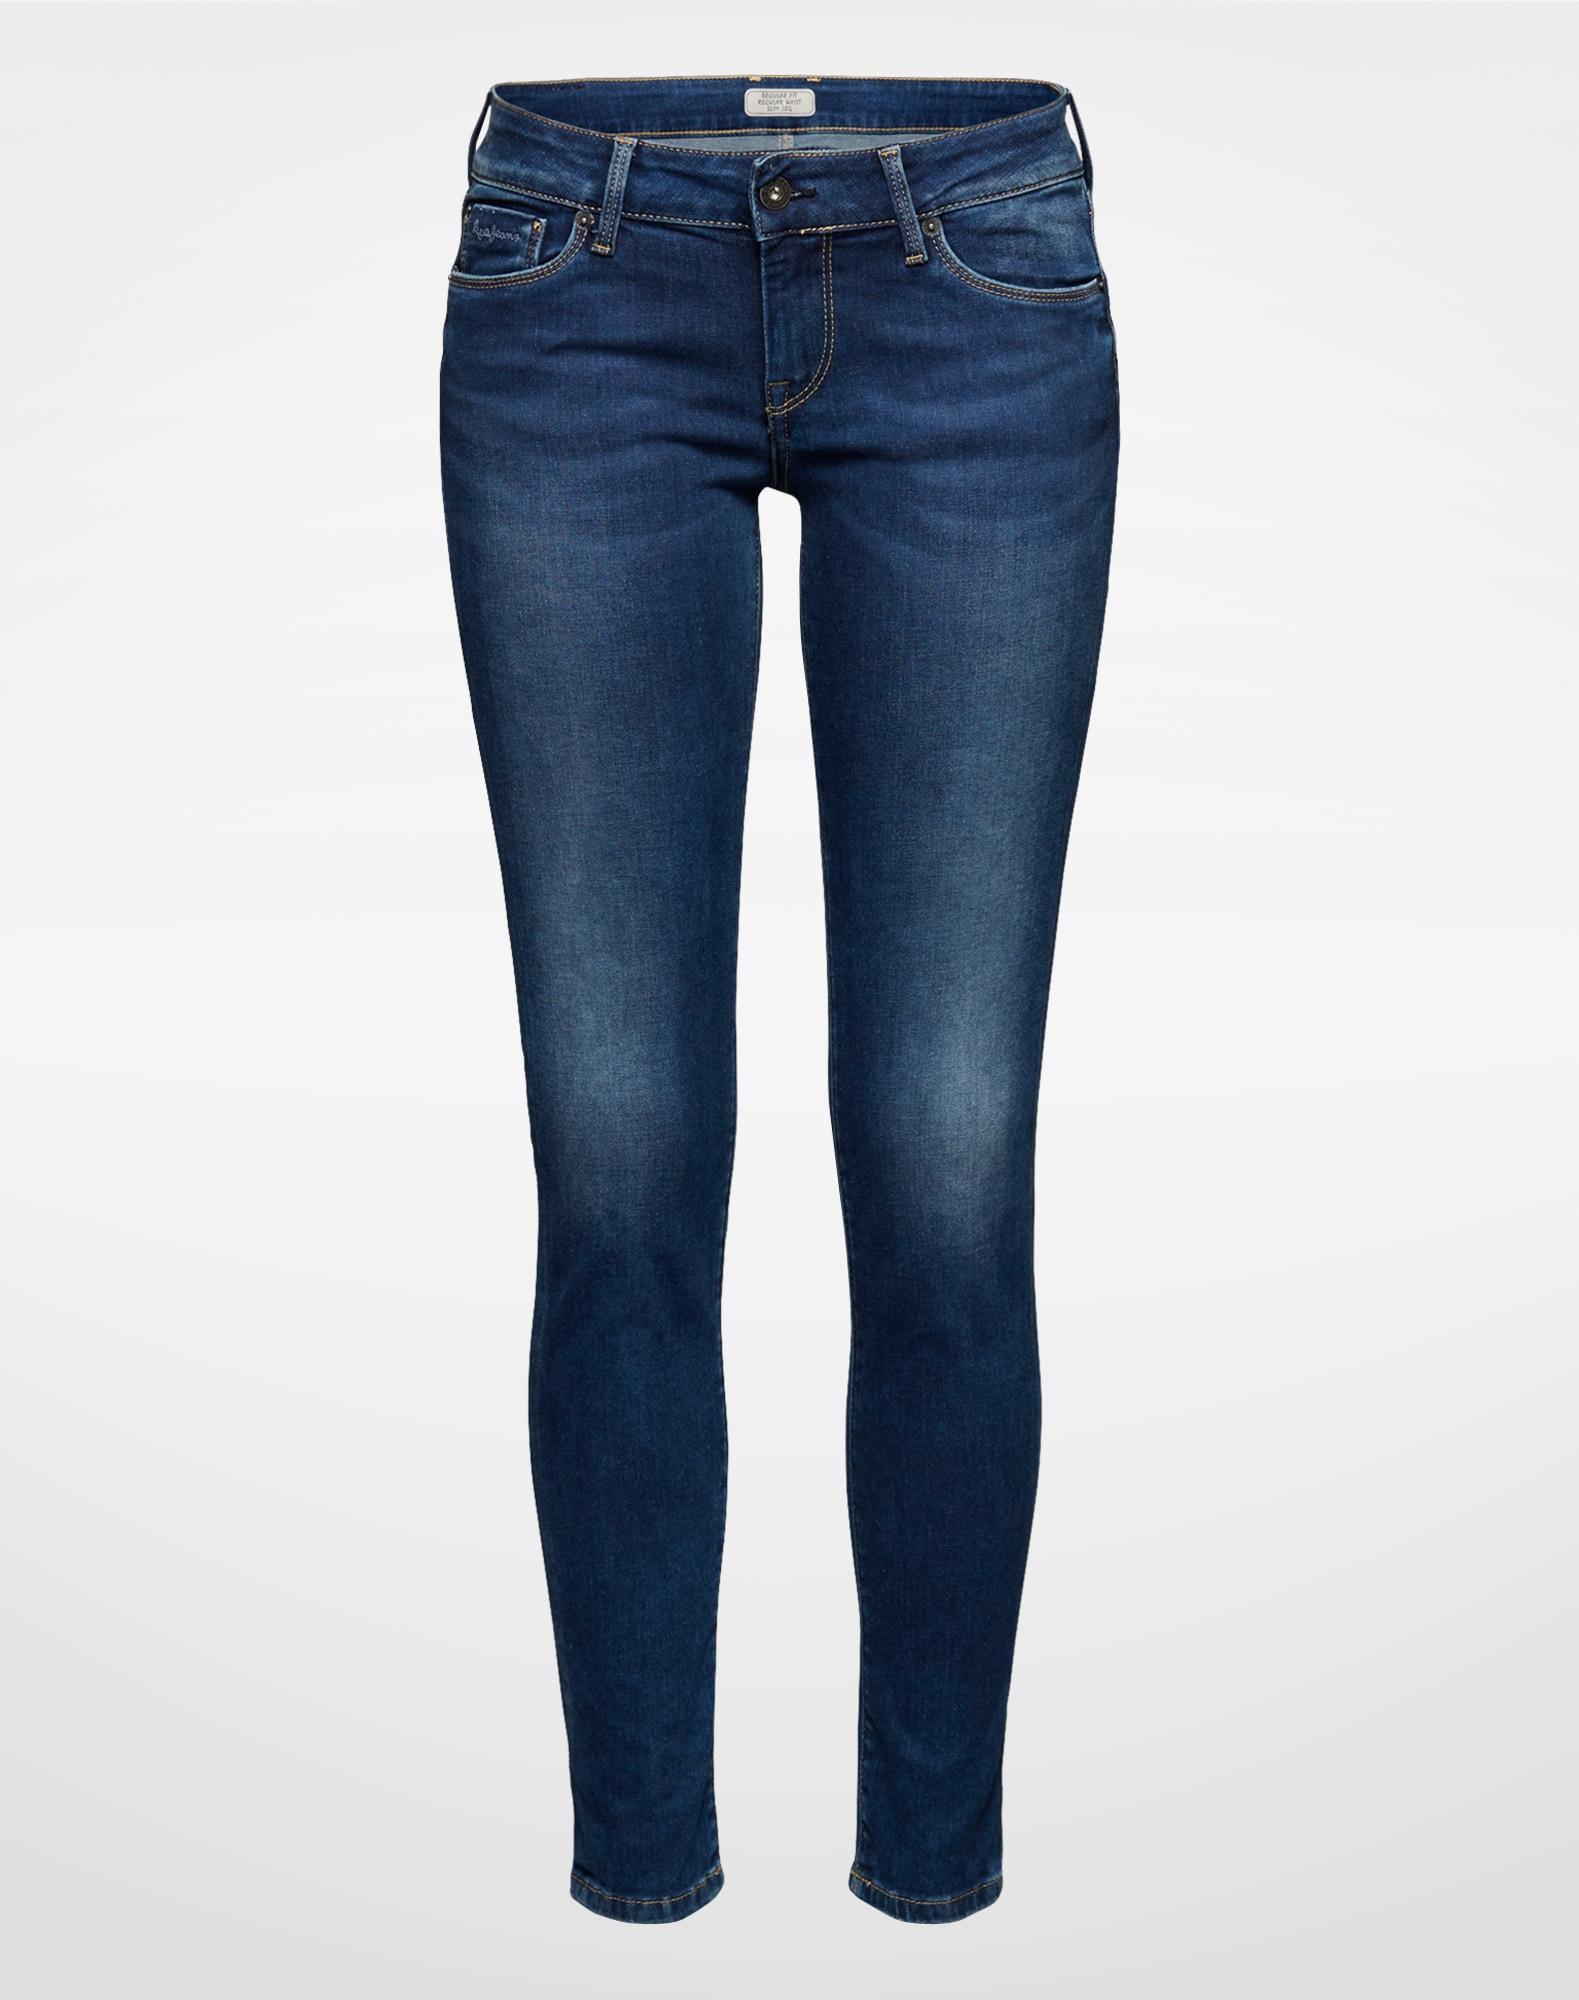 Pepe Jeans Jeans 'Soho'  blå denim